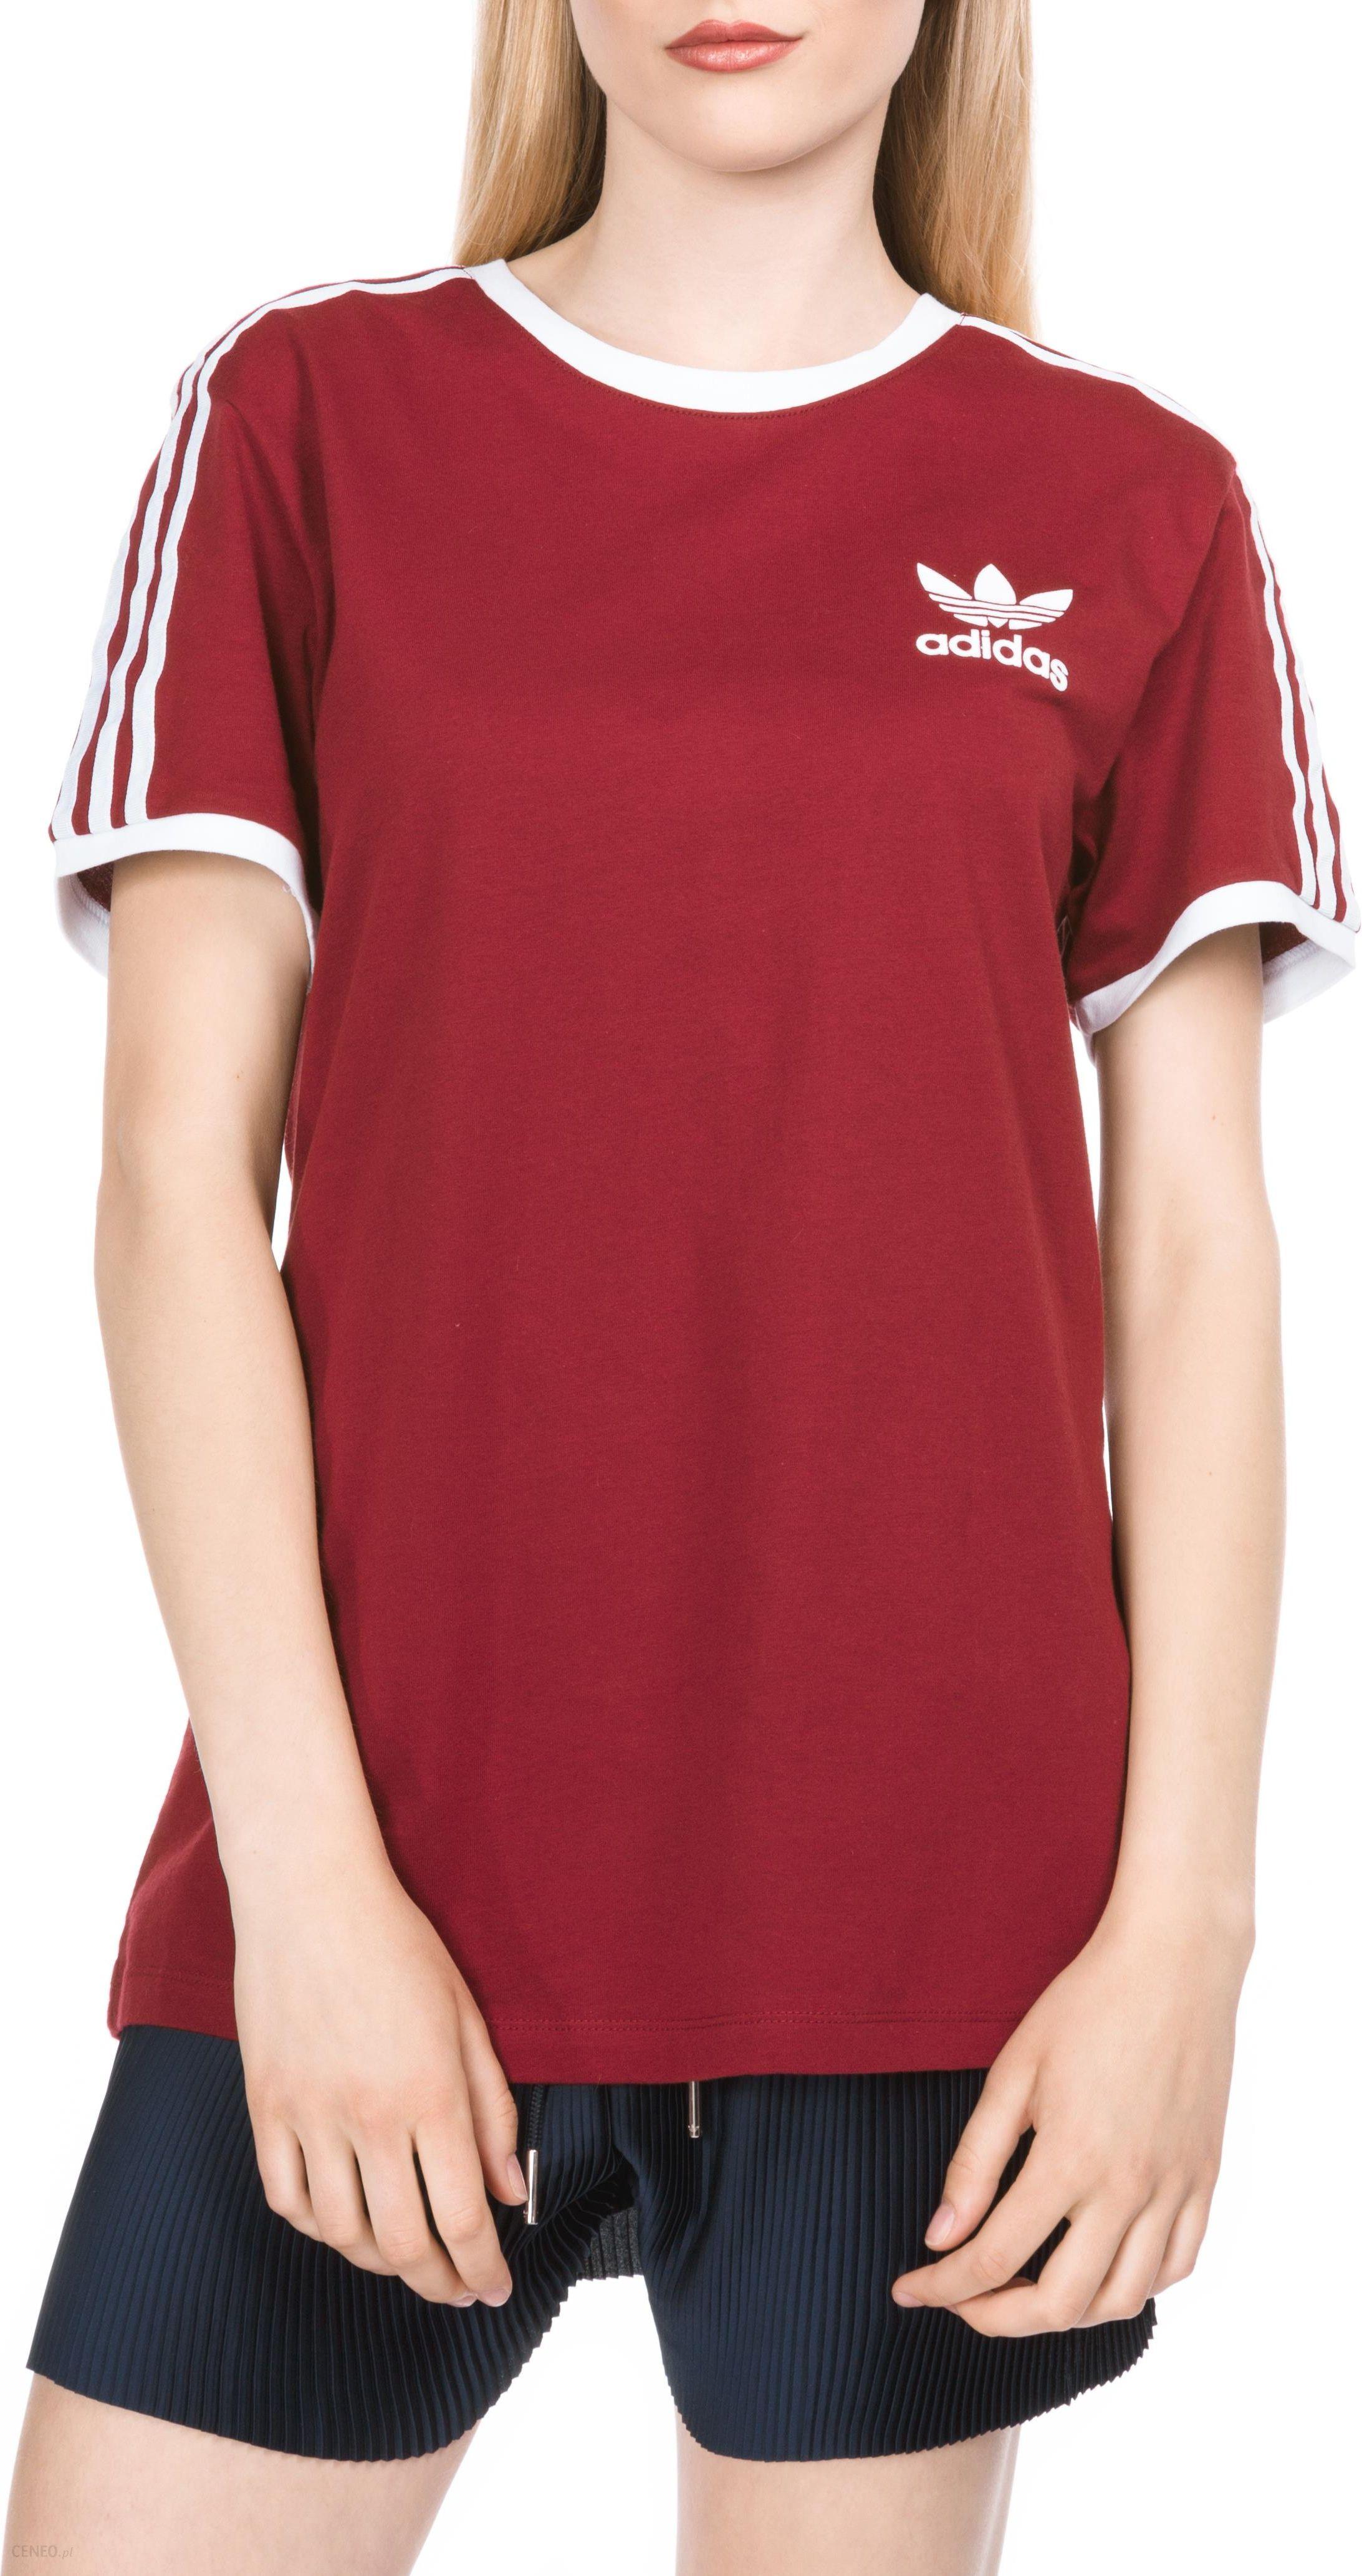 adidas Originals 3 Stripes Koszulka Czerwony 36